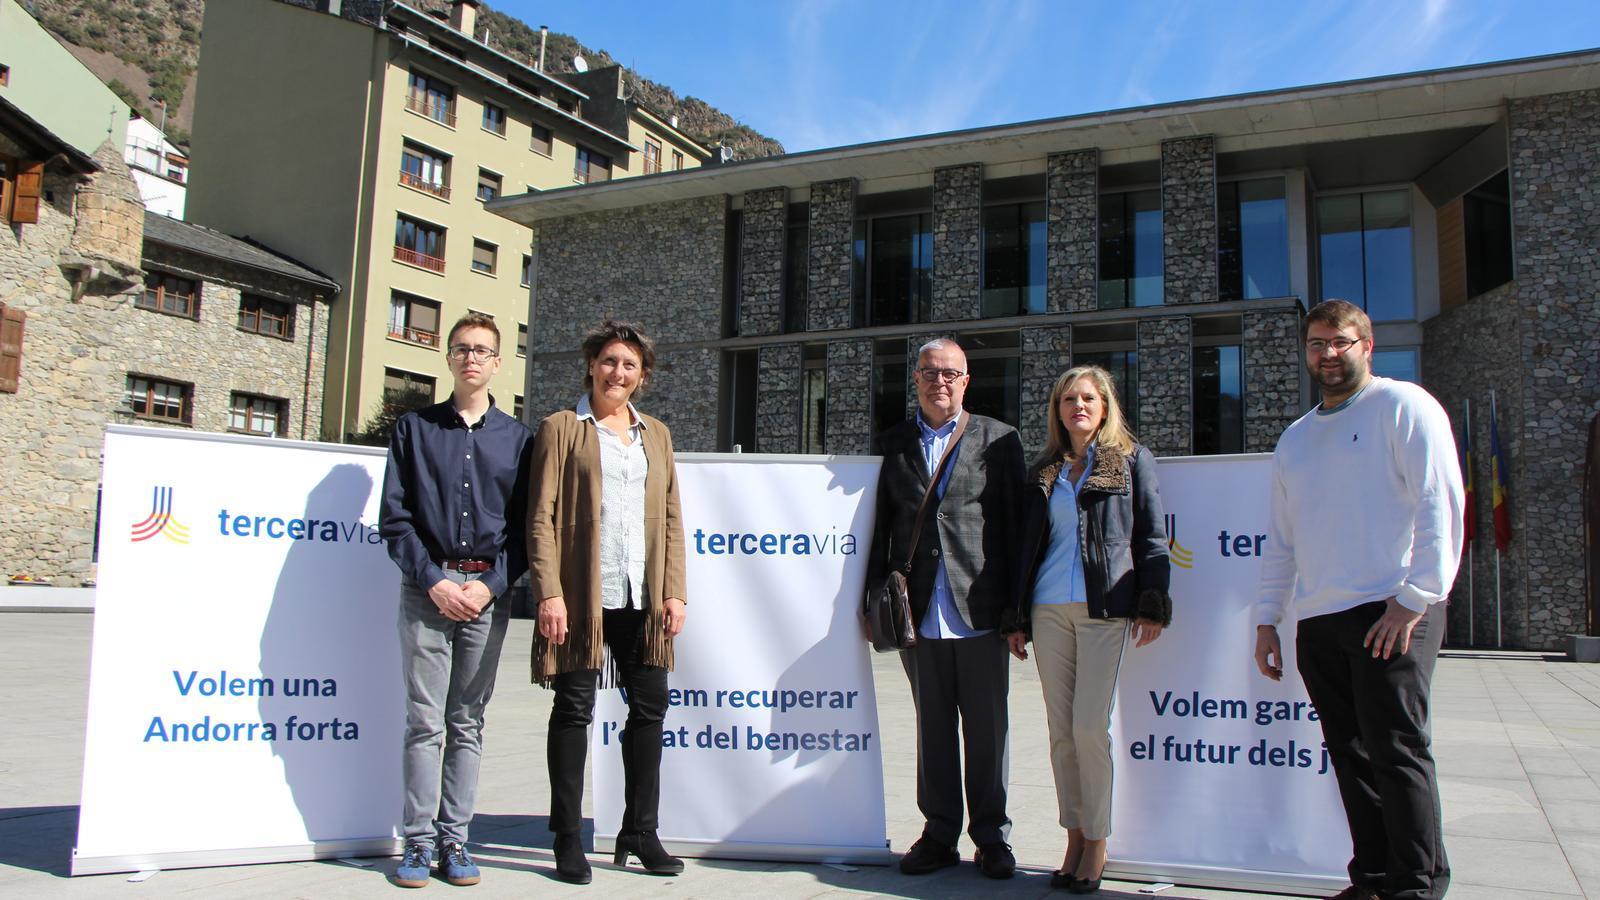 Els candidats de Terceravia a la llista parroquial d'Andorra la Vella. / T. N